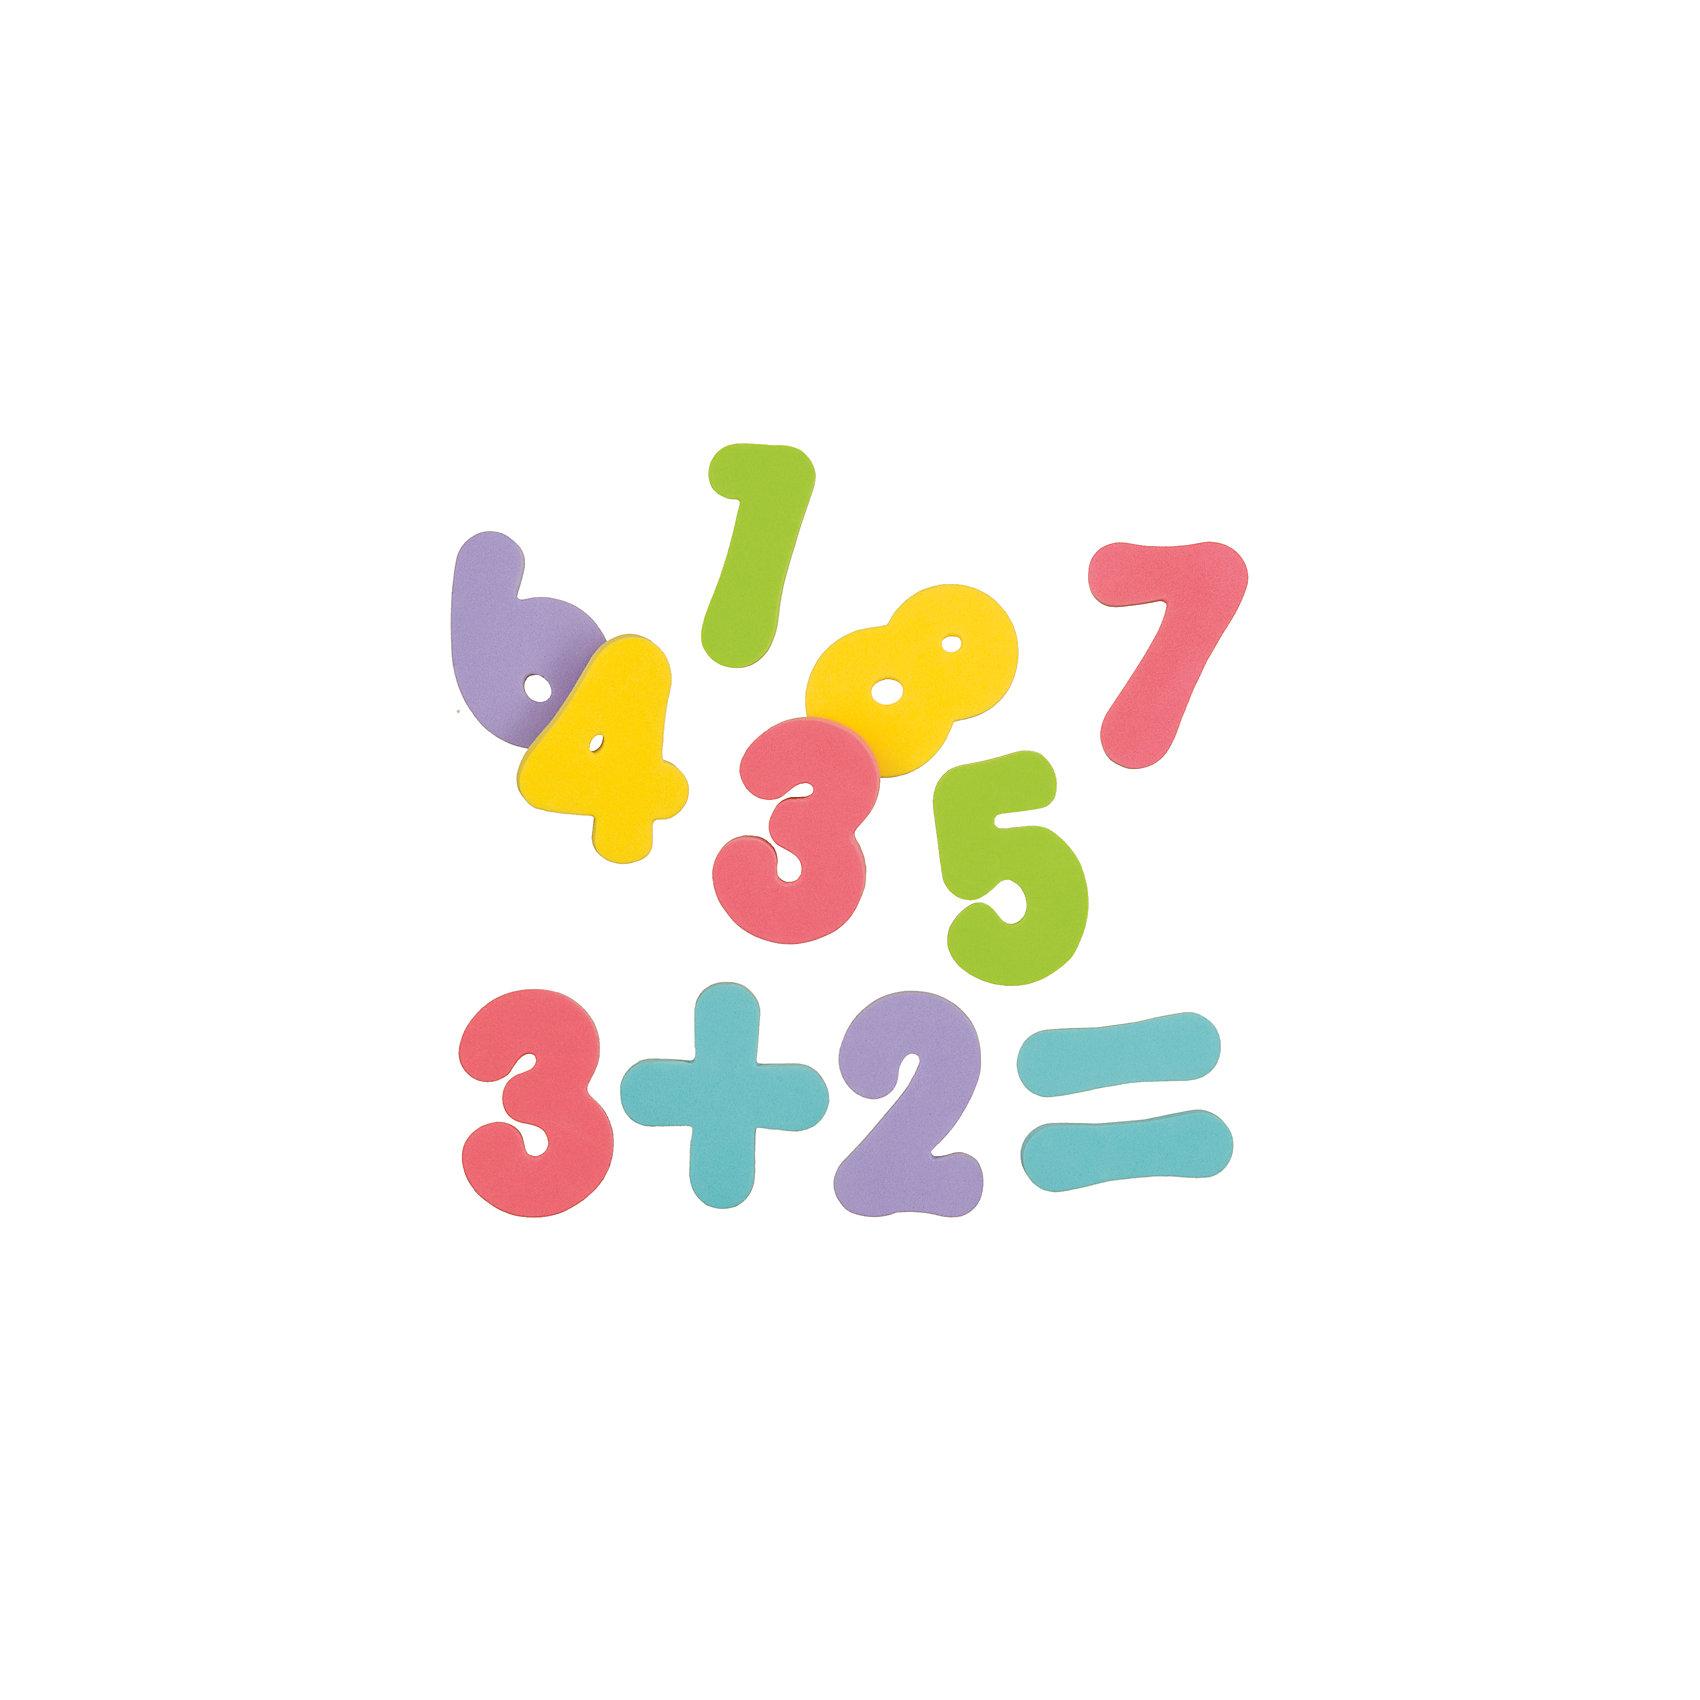 Набор игрушек для ванной GENIUS, Happy BabyИгровые наборы<br><br><br>Ширина мм: 6<br>Глубина мм: 235<br>Высота мм: 27<br>Вес г: 91<br>Возраст от месяцев: 12<br>Возраст до месяцев: 36<br>Пол: Унисекс<br>Возраст: Детский<br>SKU: 5345702